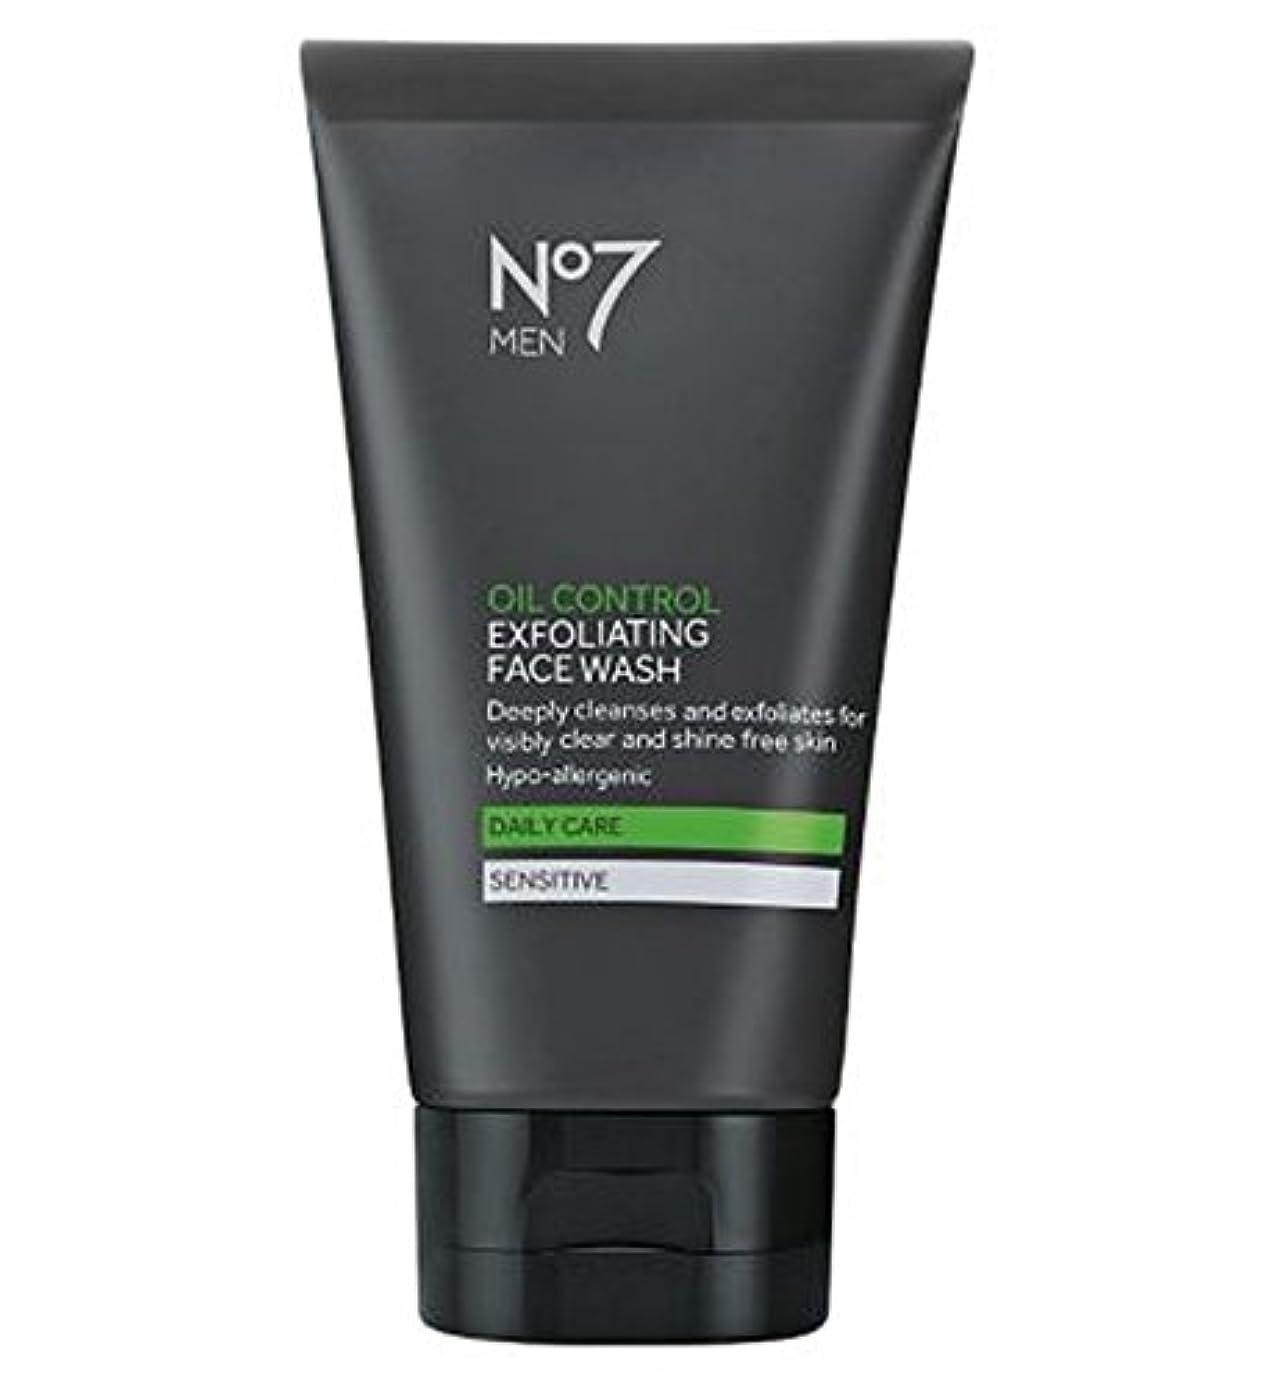 正確つらいコンサルタントNo7男性オイルコントロールフェイスウォッシュ150ミリリットル (No7) (x2) - No7 Men Oil Control Face Wash 150ml (Pack of 2) [並行輸入品]